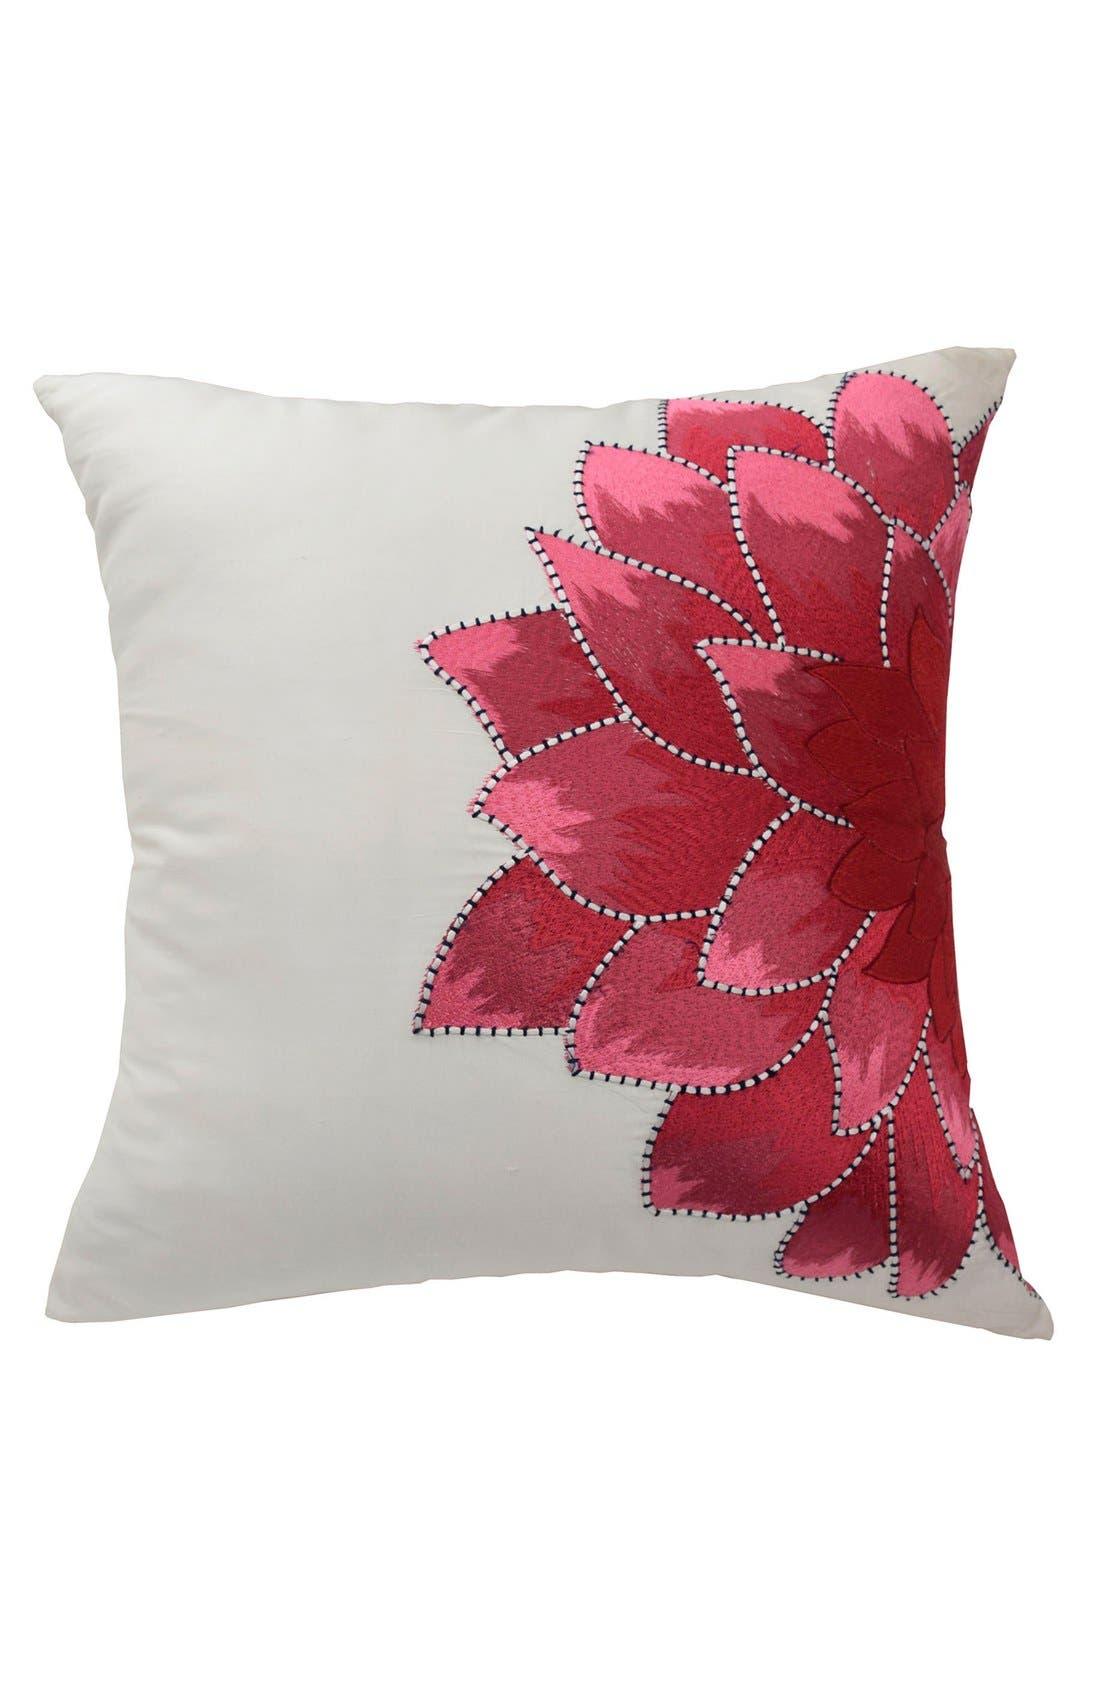 Blissliving Home 'Dahlia' Pillow